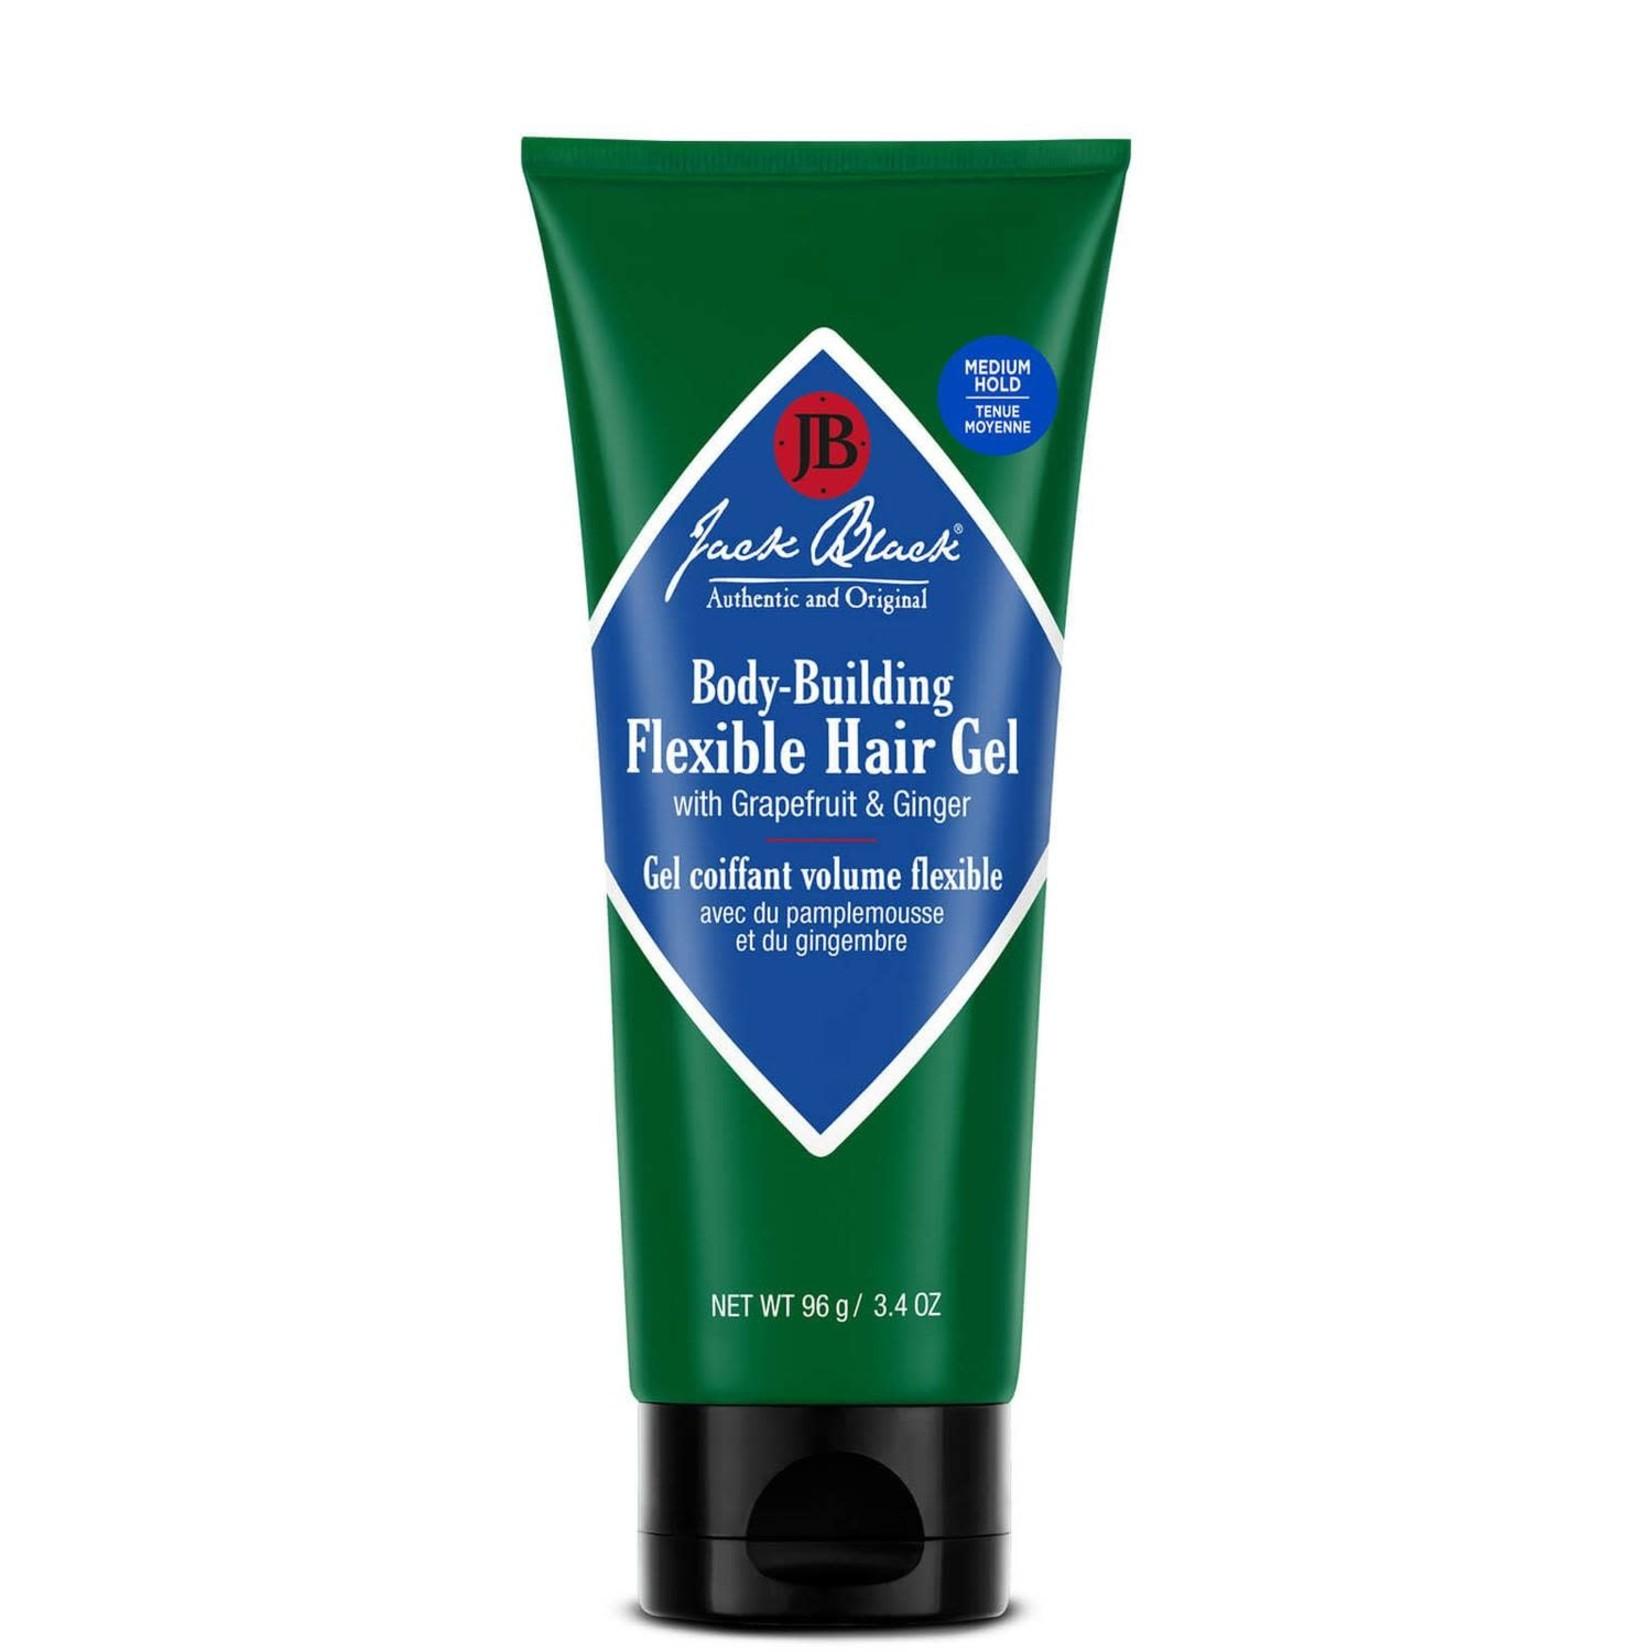 Jack Black Jack Black Body Building Hair Gel